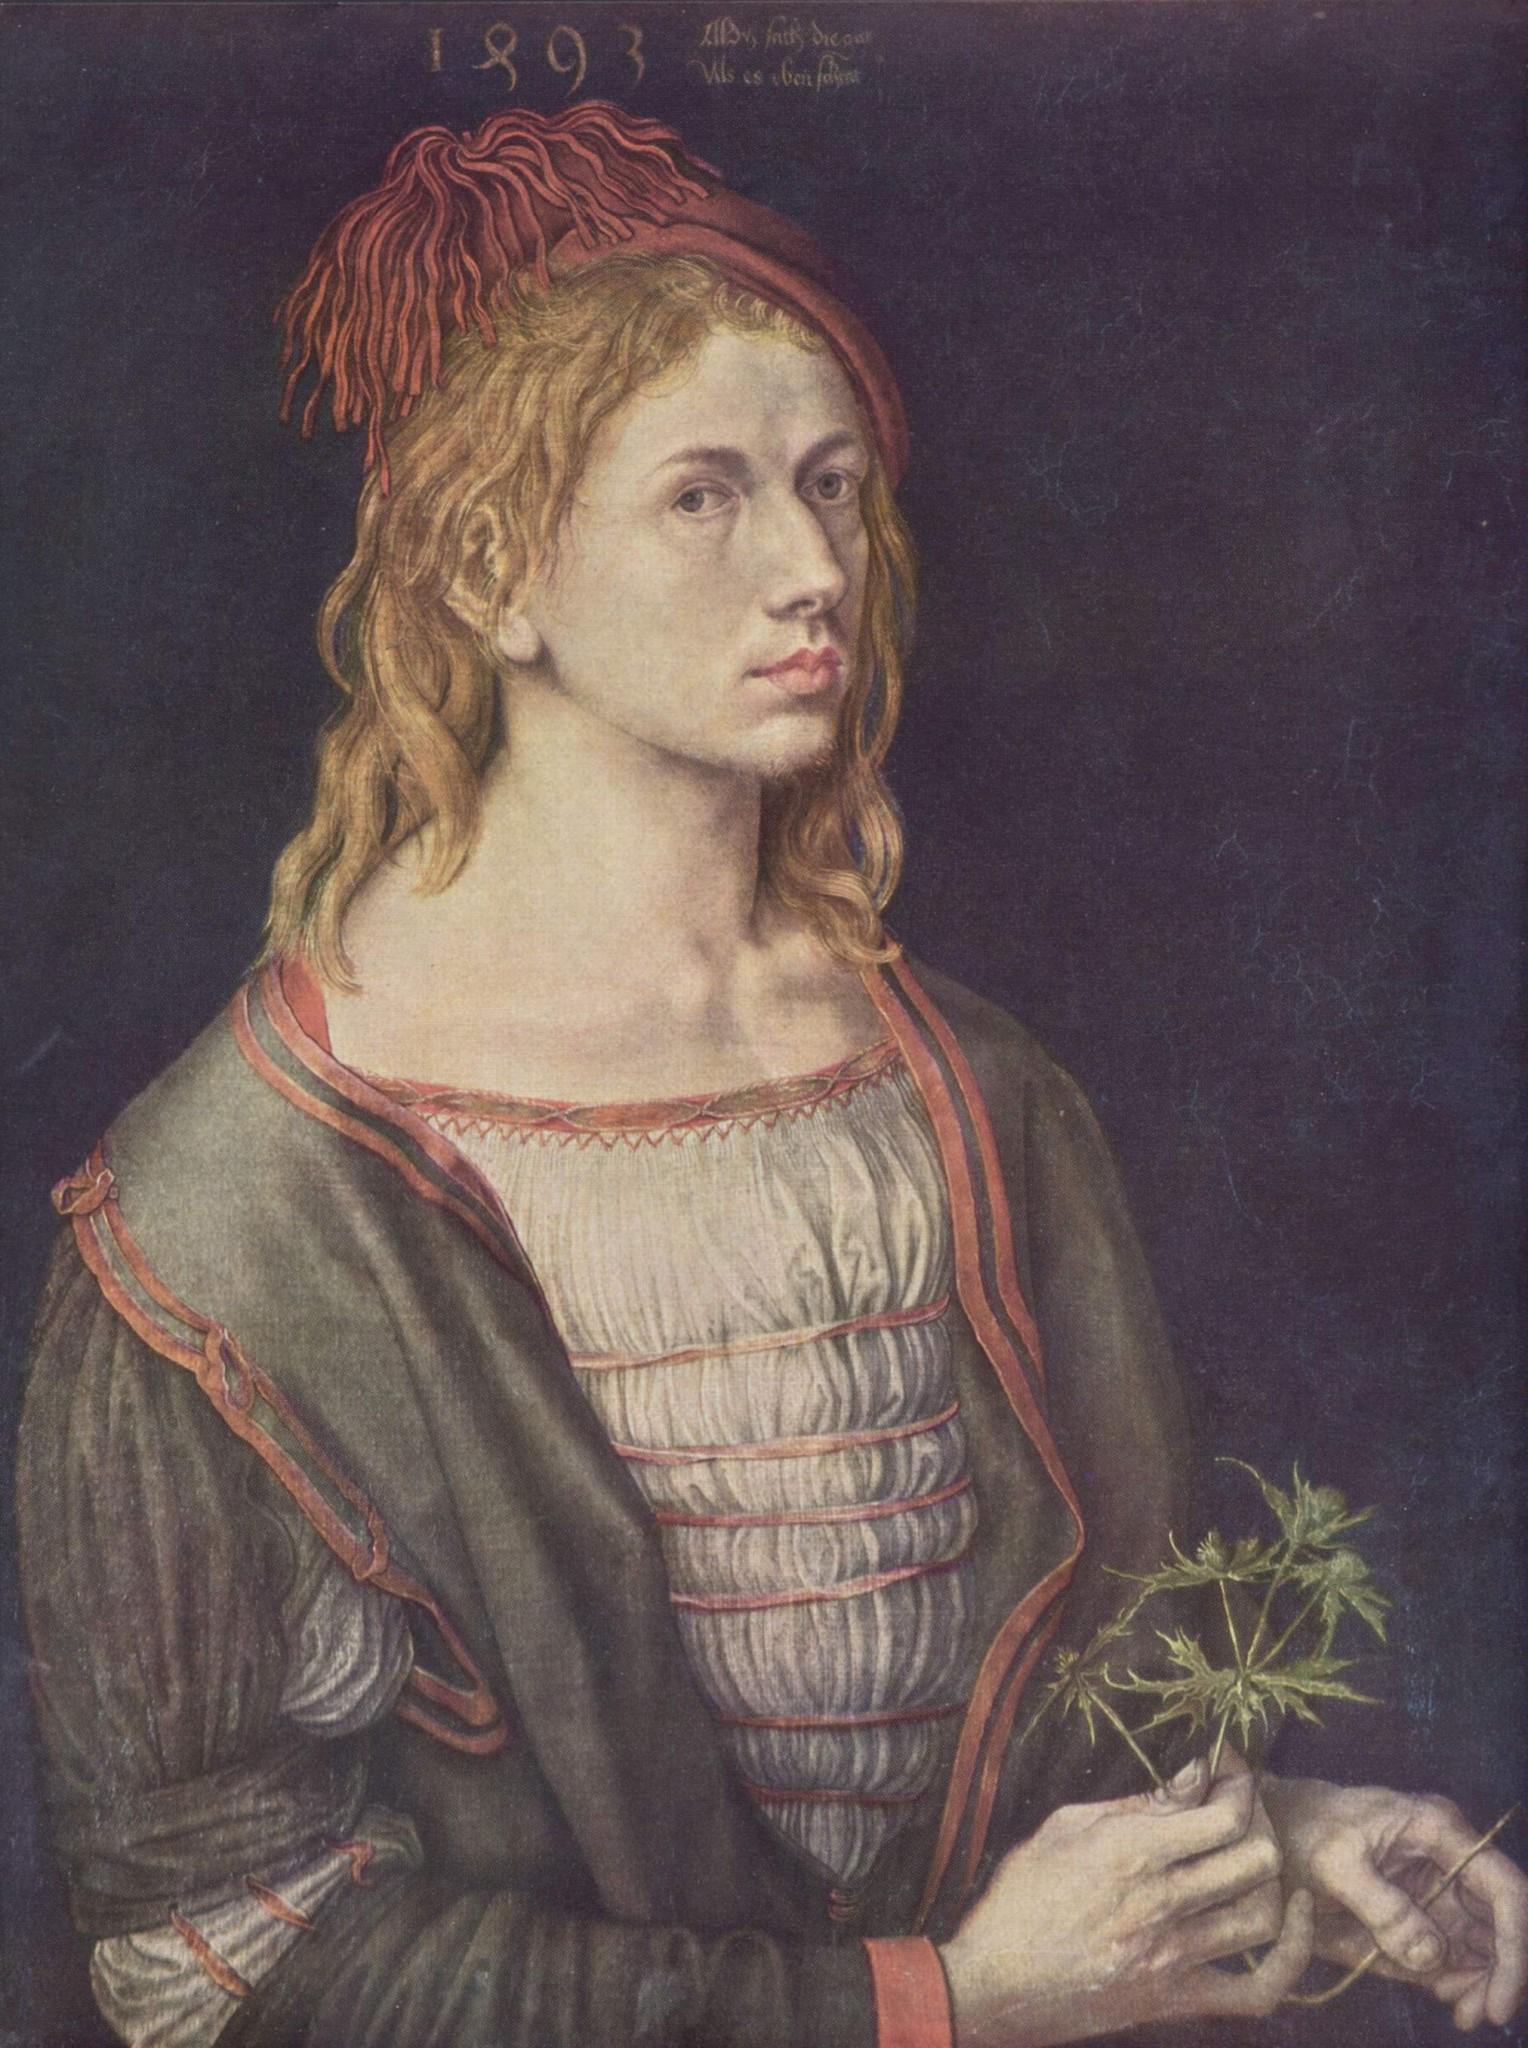 Albrecht Dürer (1493. Автопортрет с остролистом или синеголовником полевым. 22 года)